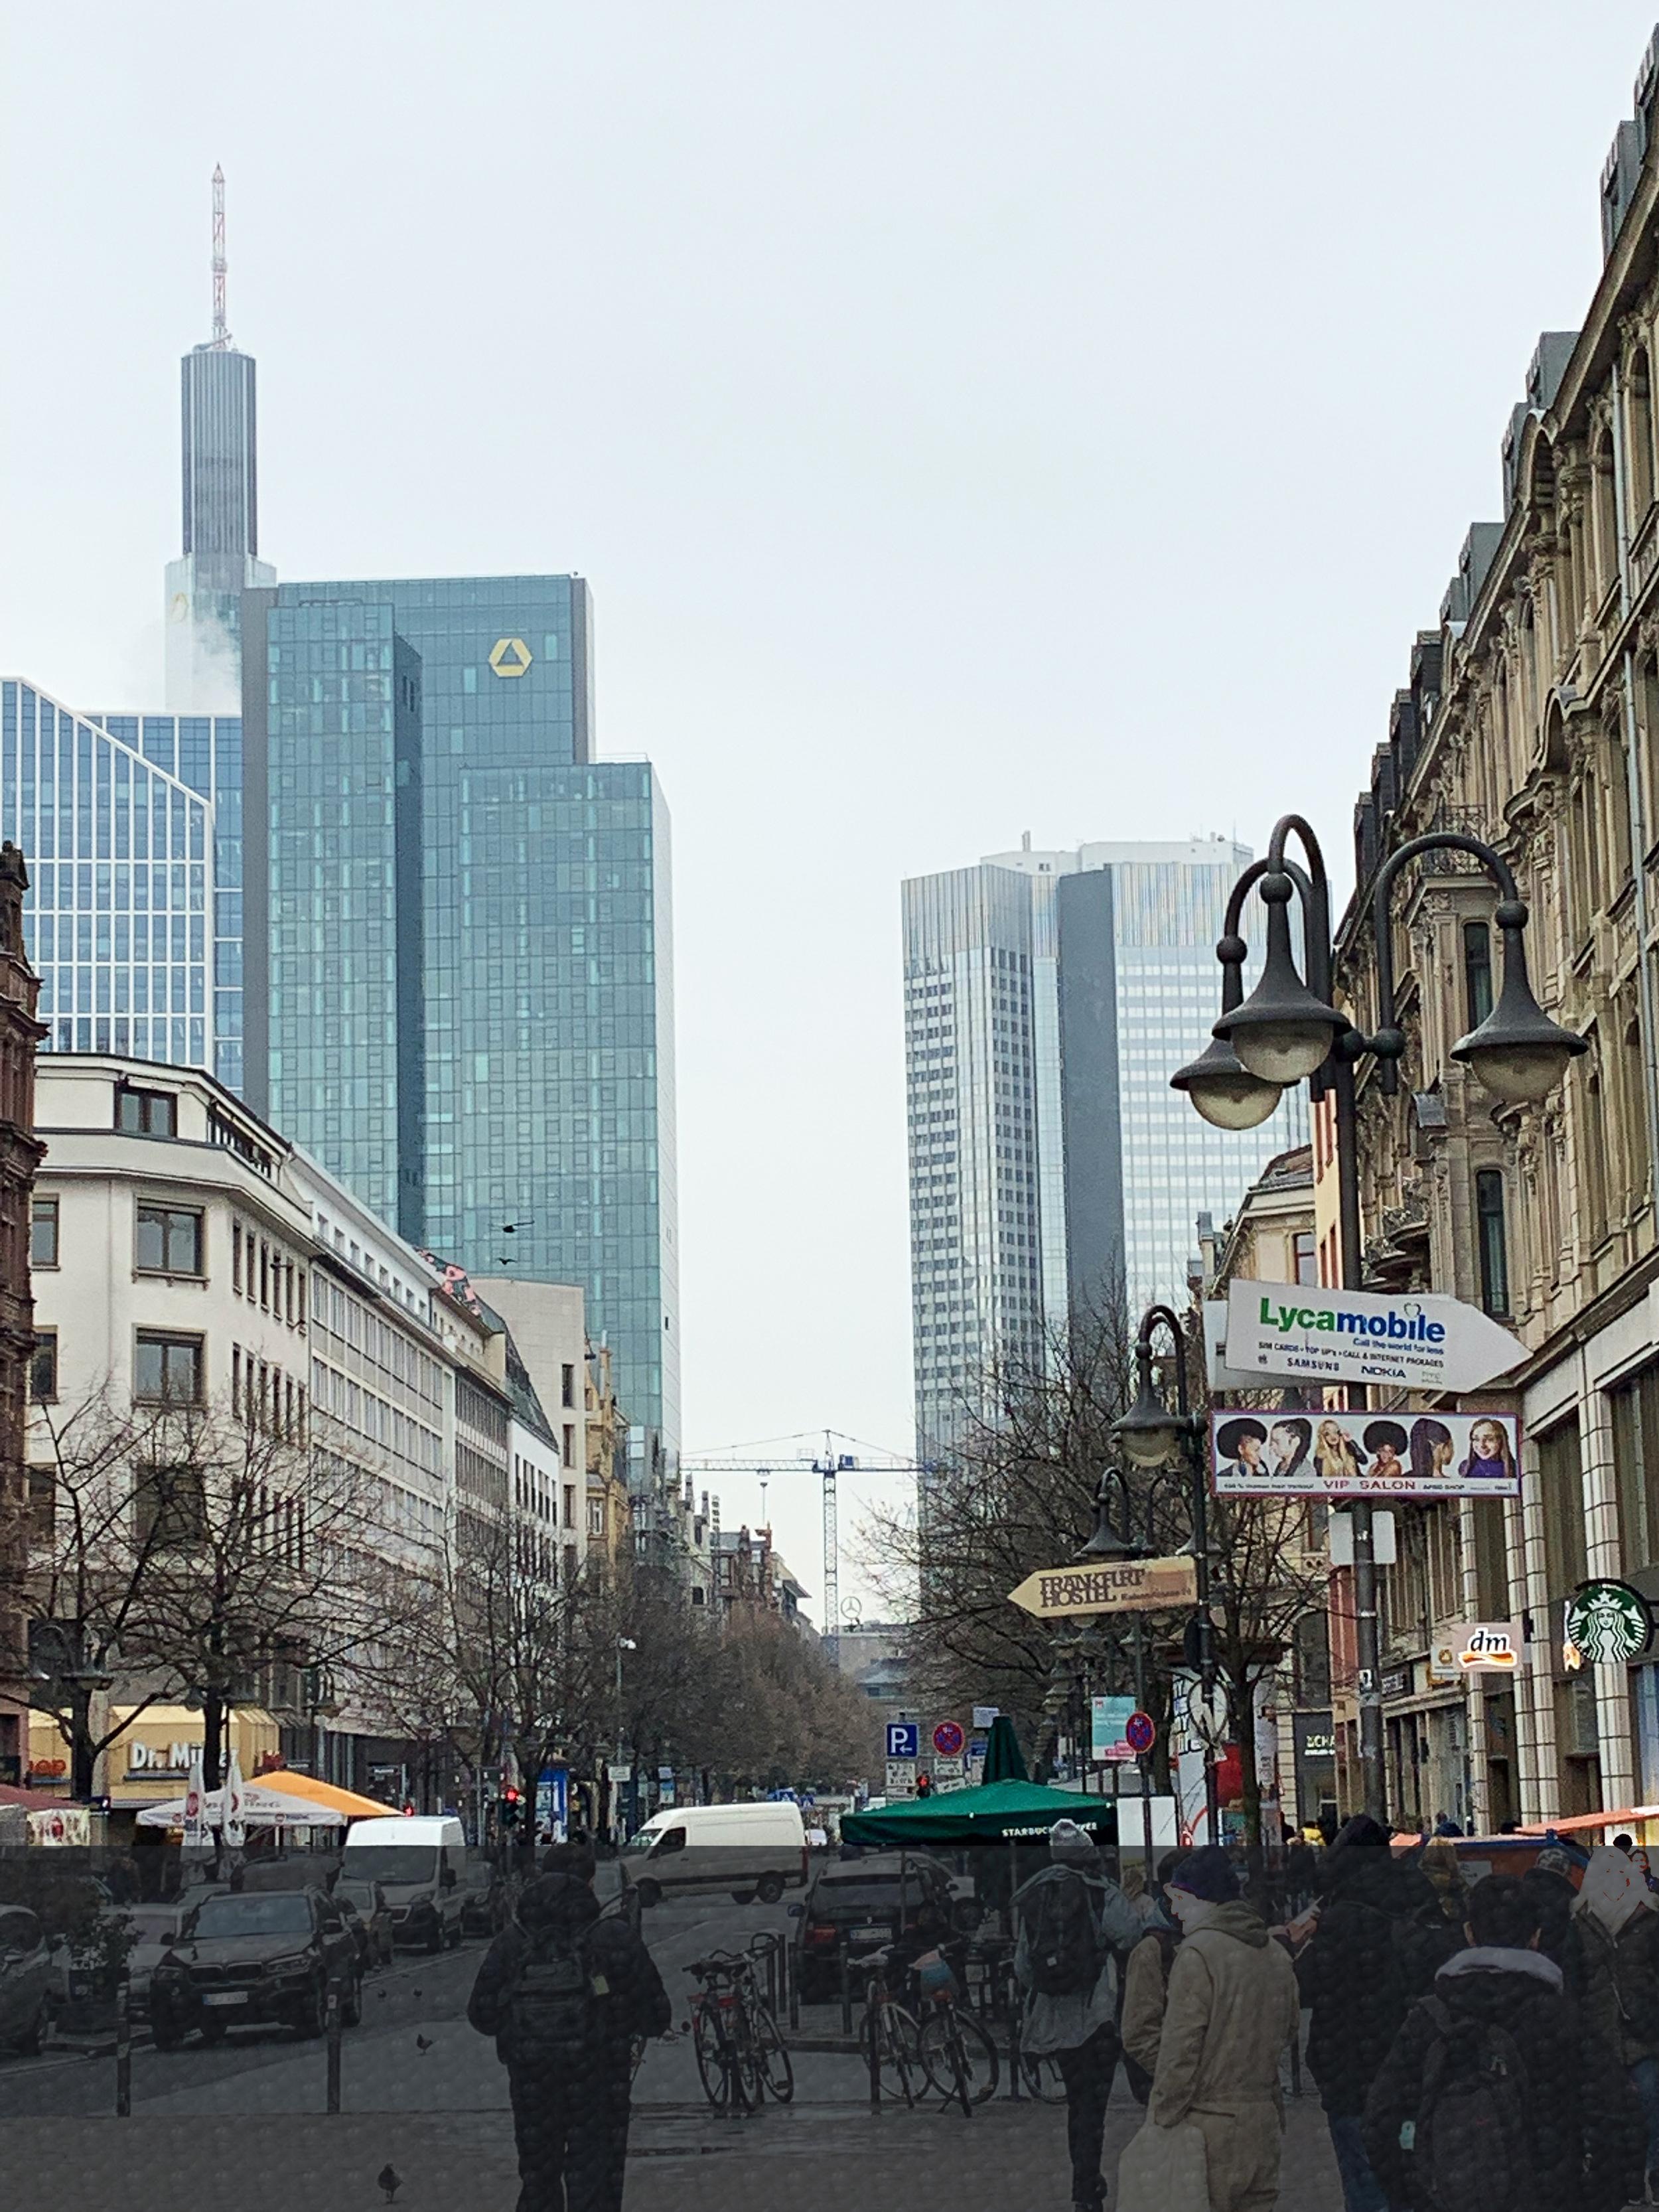 Strafverteidigung in Frankfurt